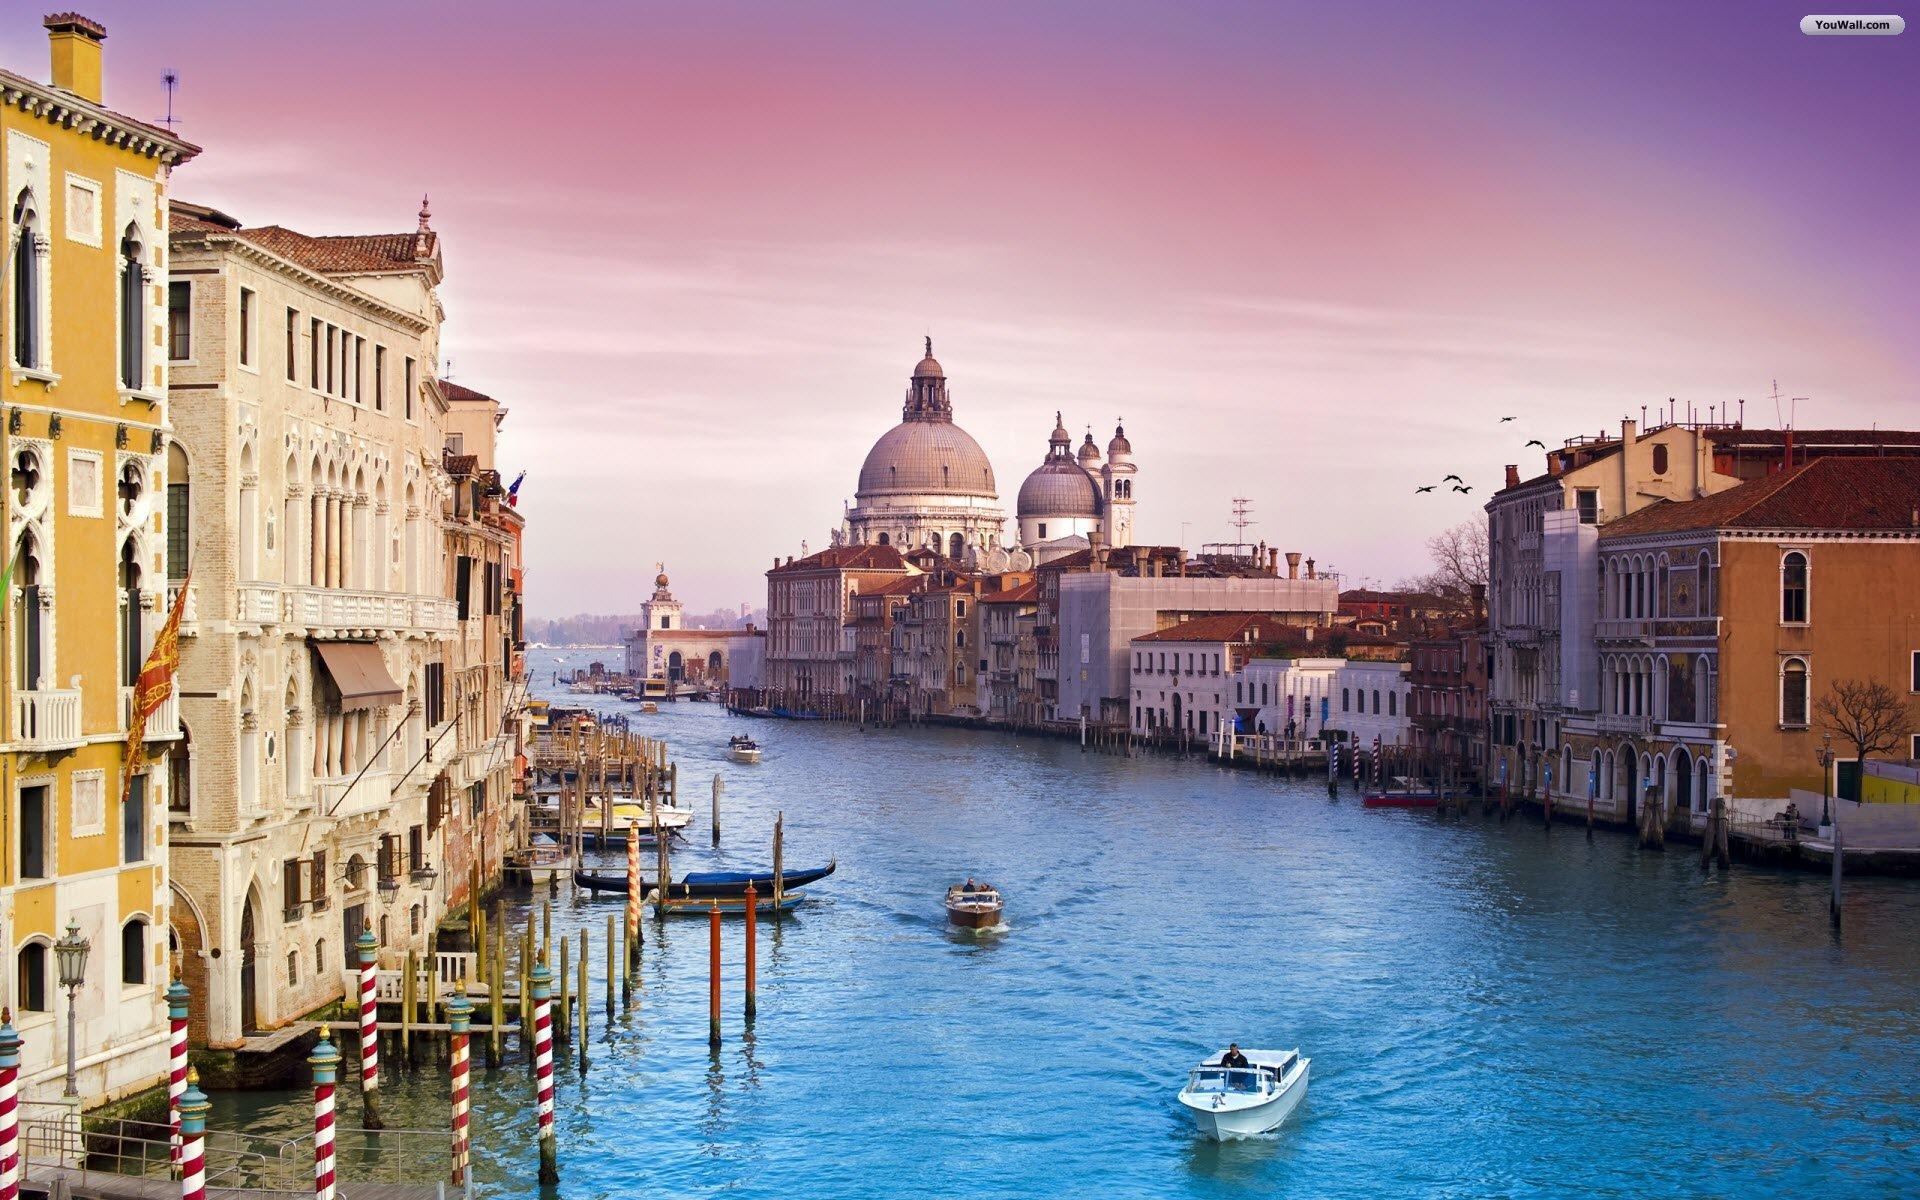 Veneza Italy Wallpaper